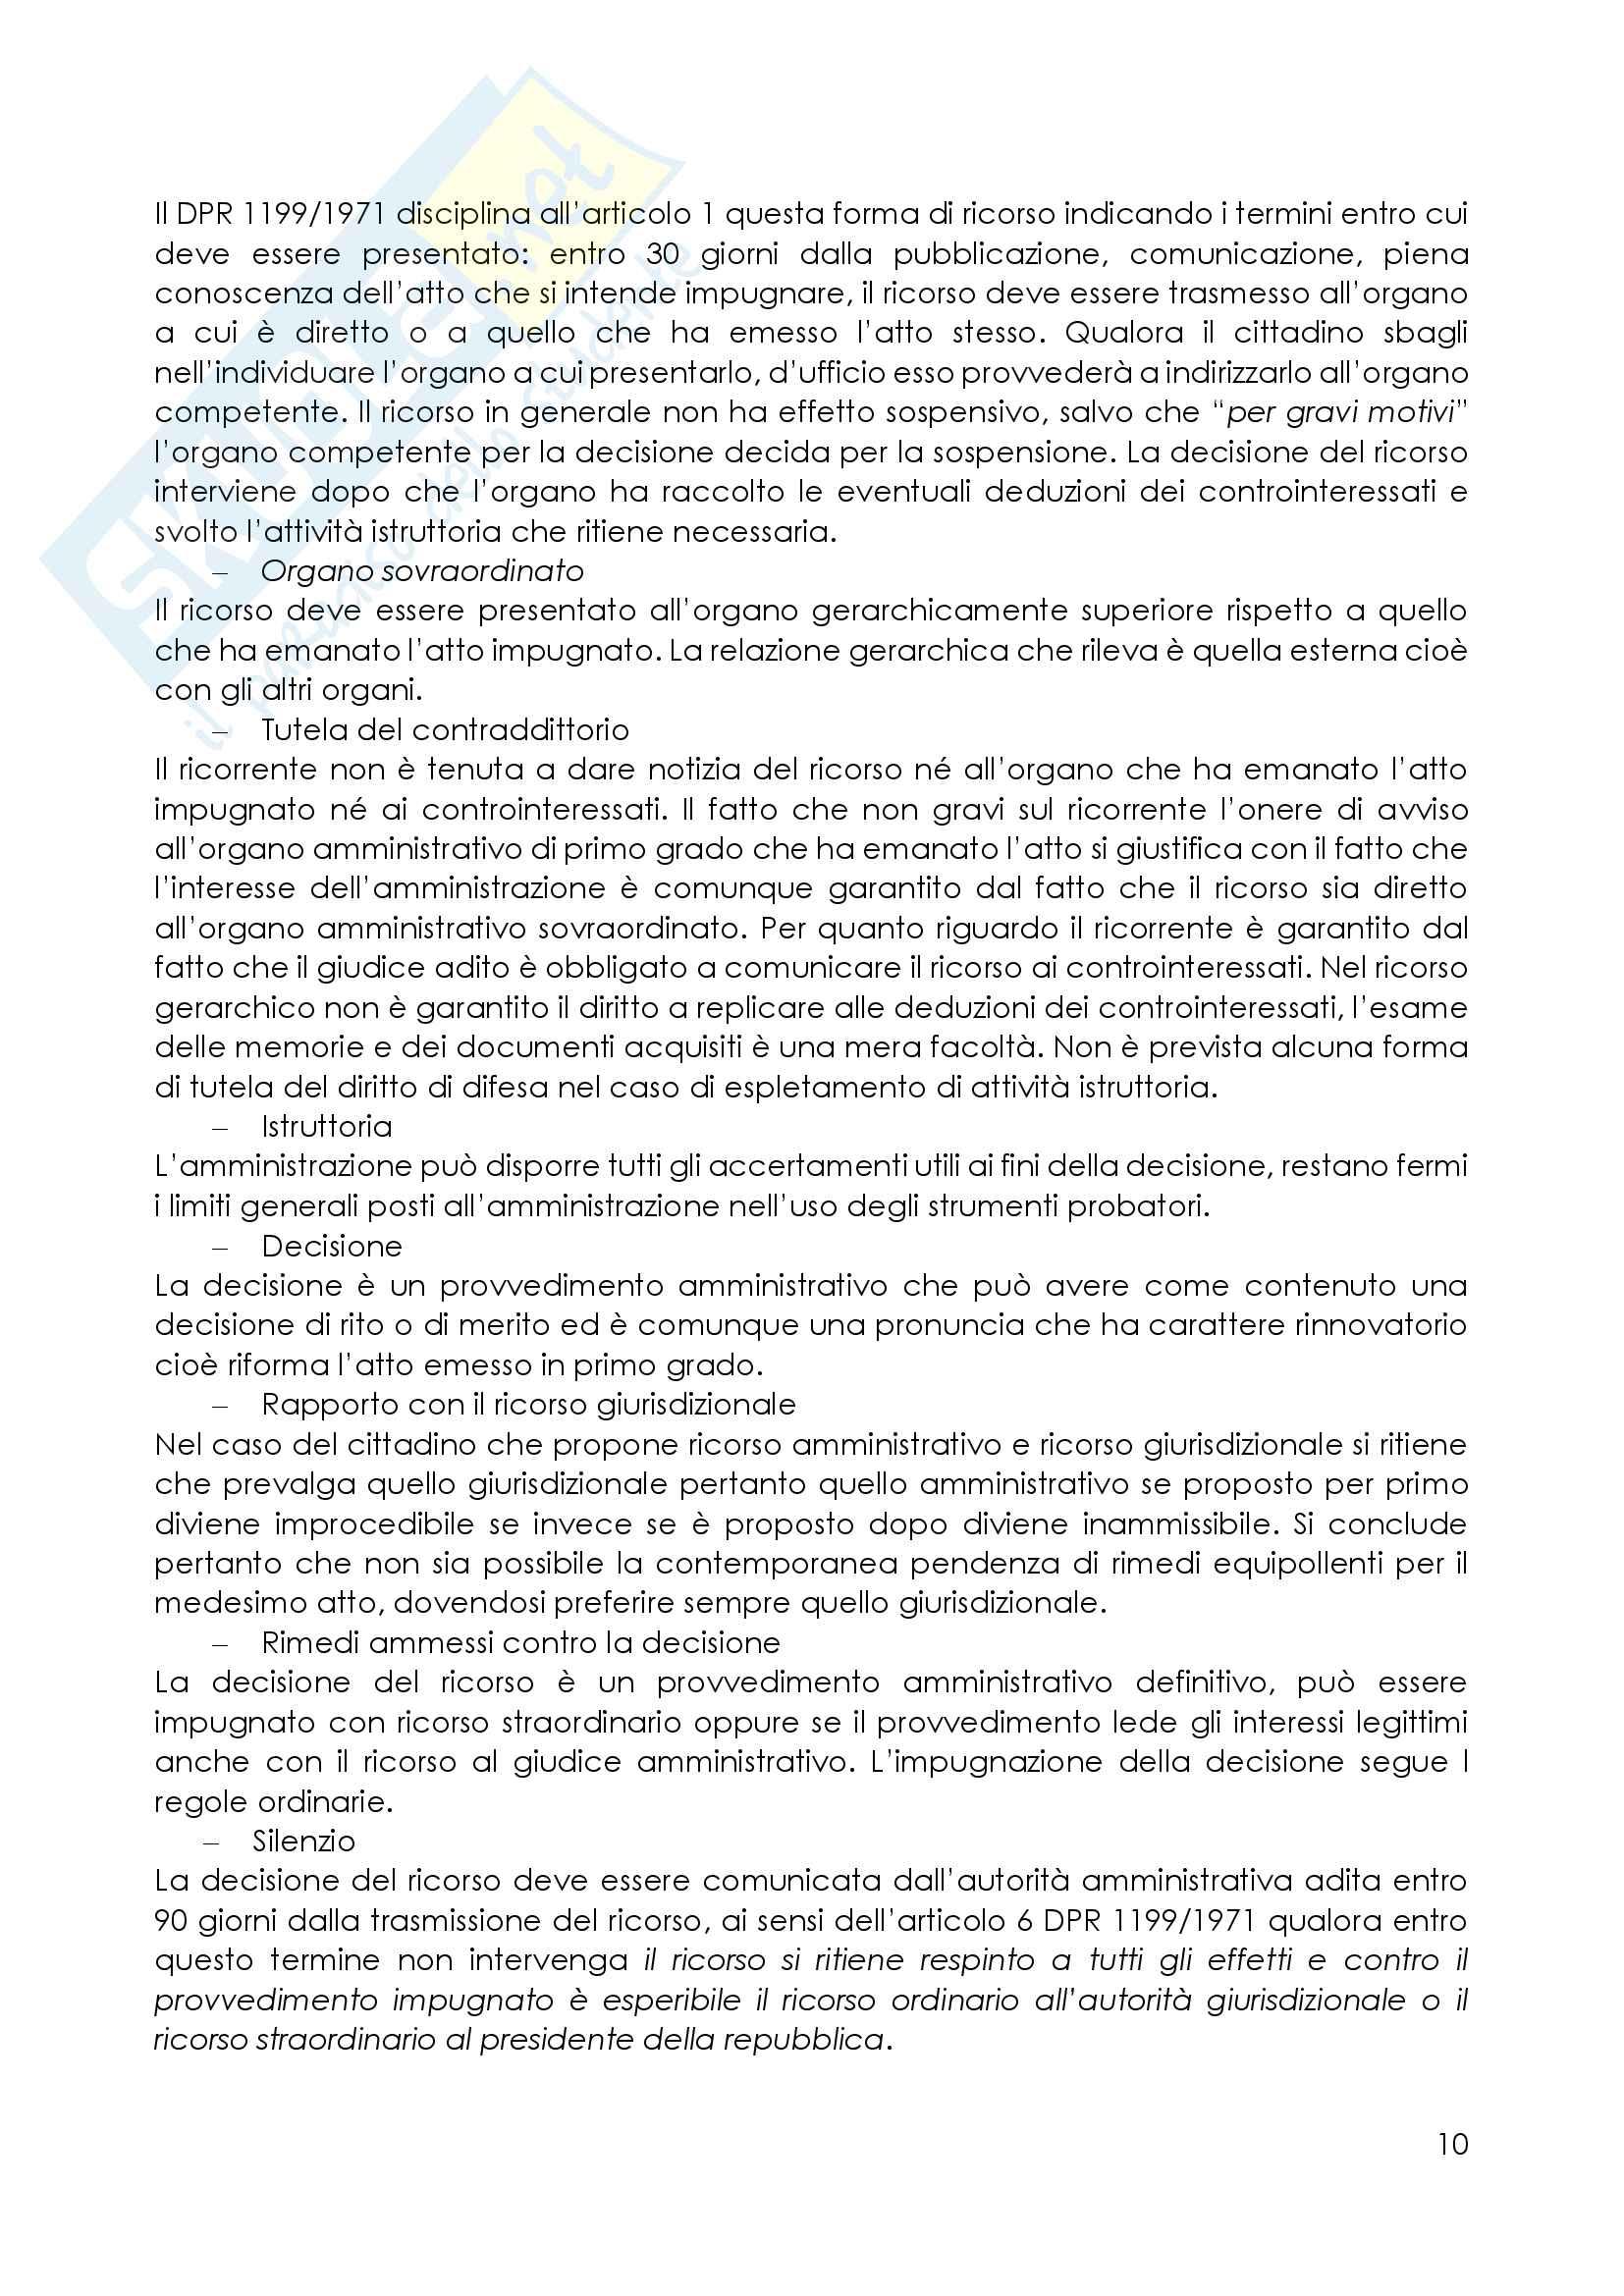 Il processo amministrativo Pag. 11